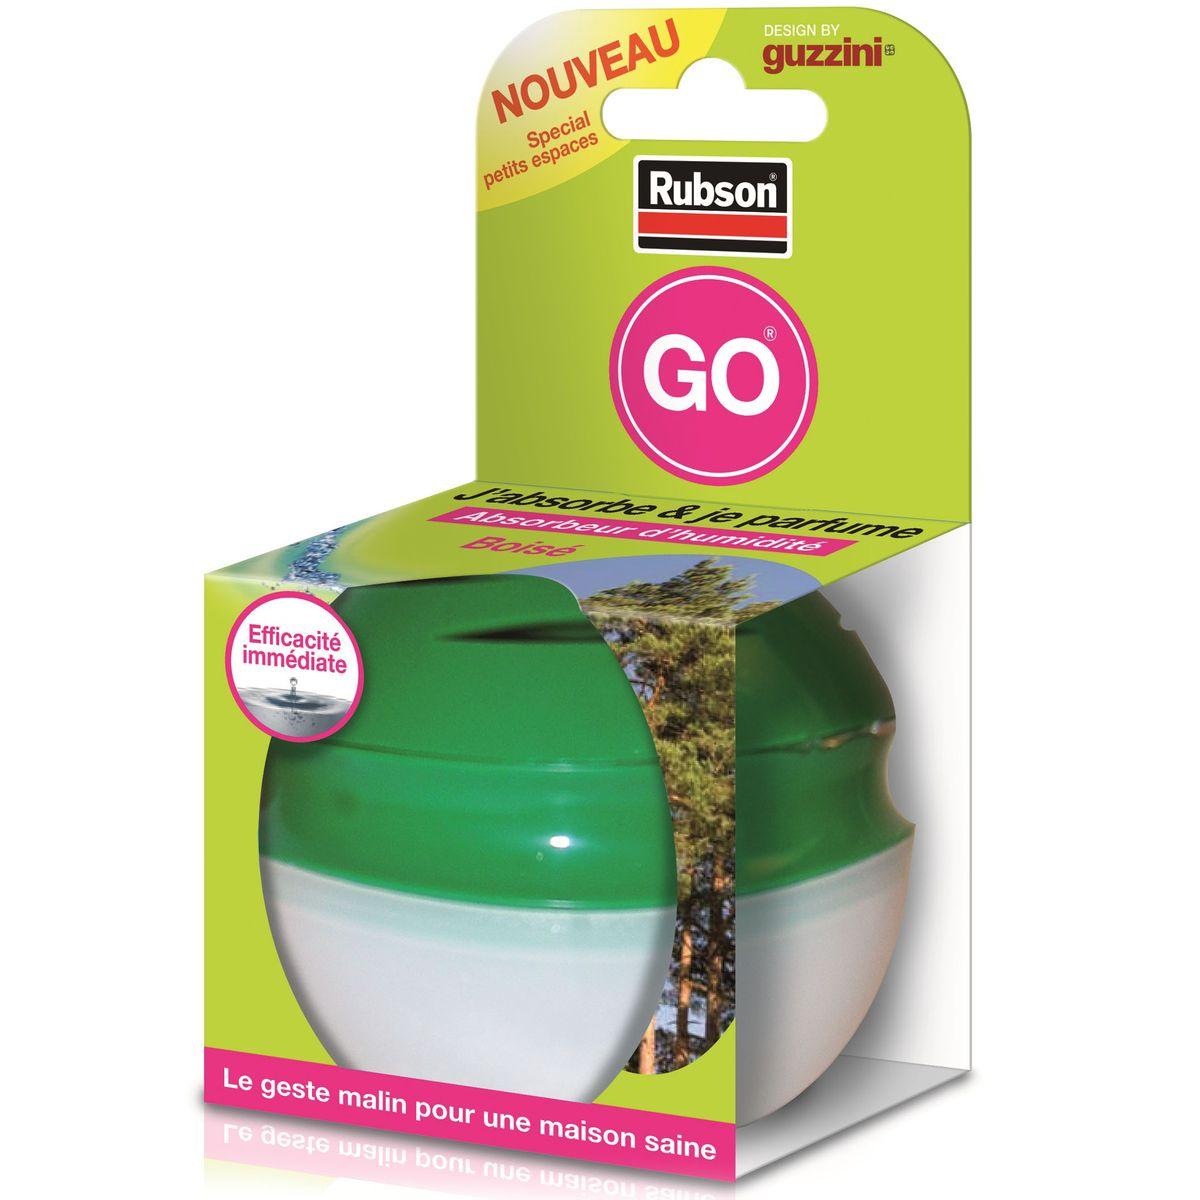 Absorbeur D Humidité Avis livraison à domicile rubson absorbeur d'humidité go boisé, 4 m2